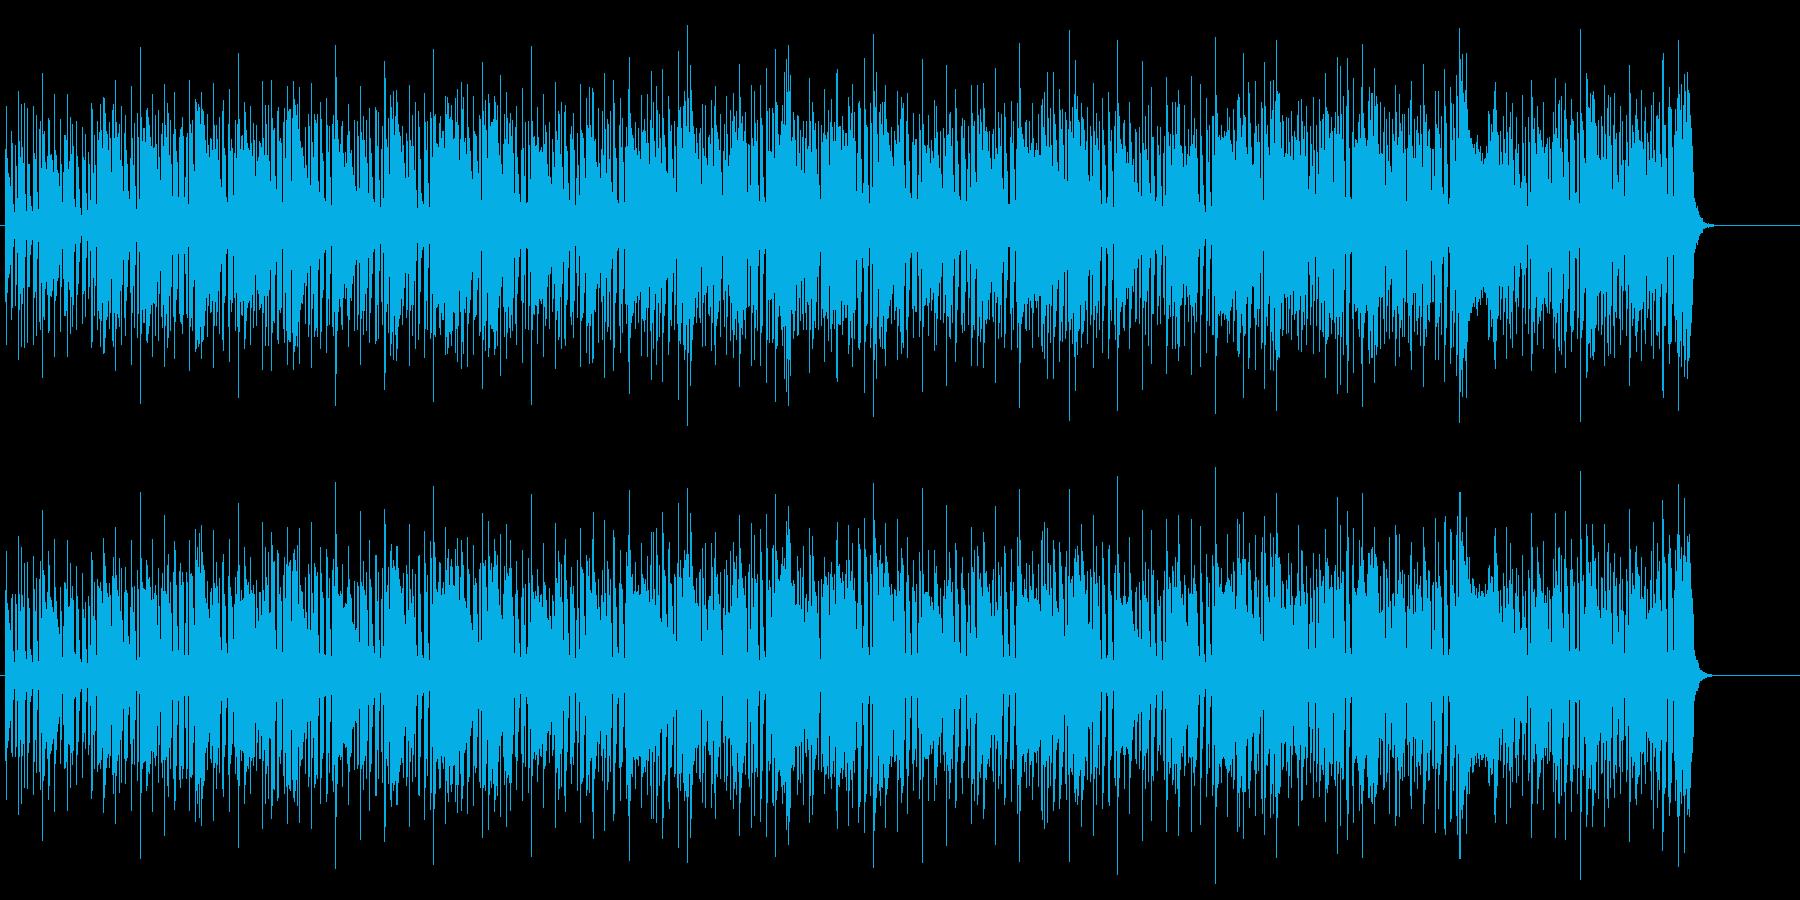 ファンキーな60's風ジャズ/ソウルの再生済みの波形